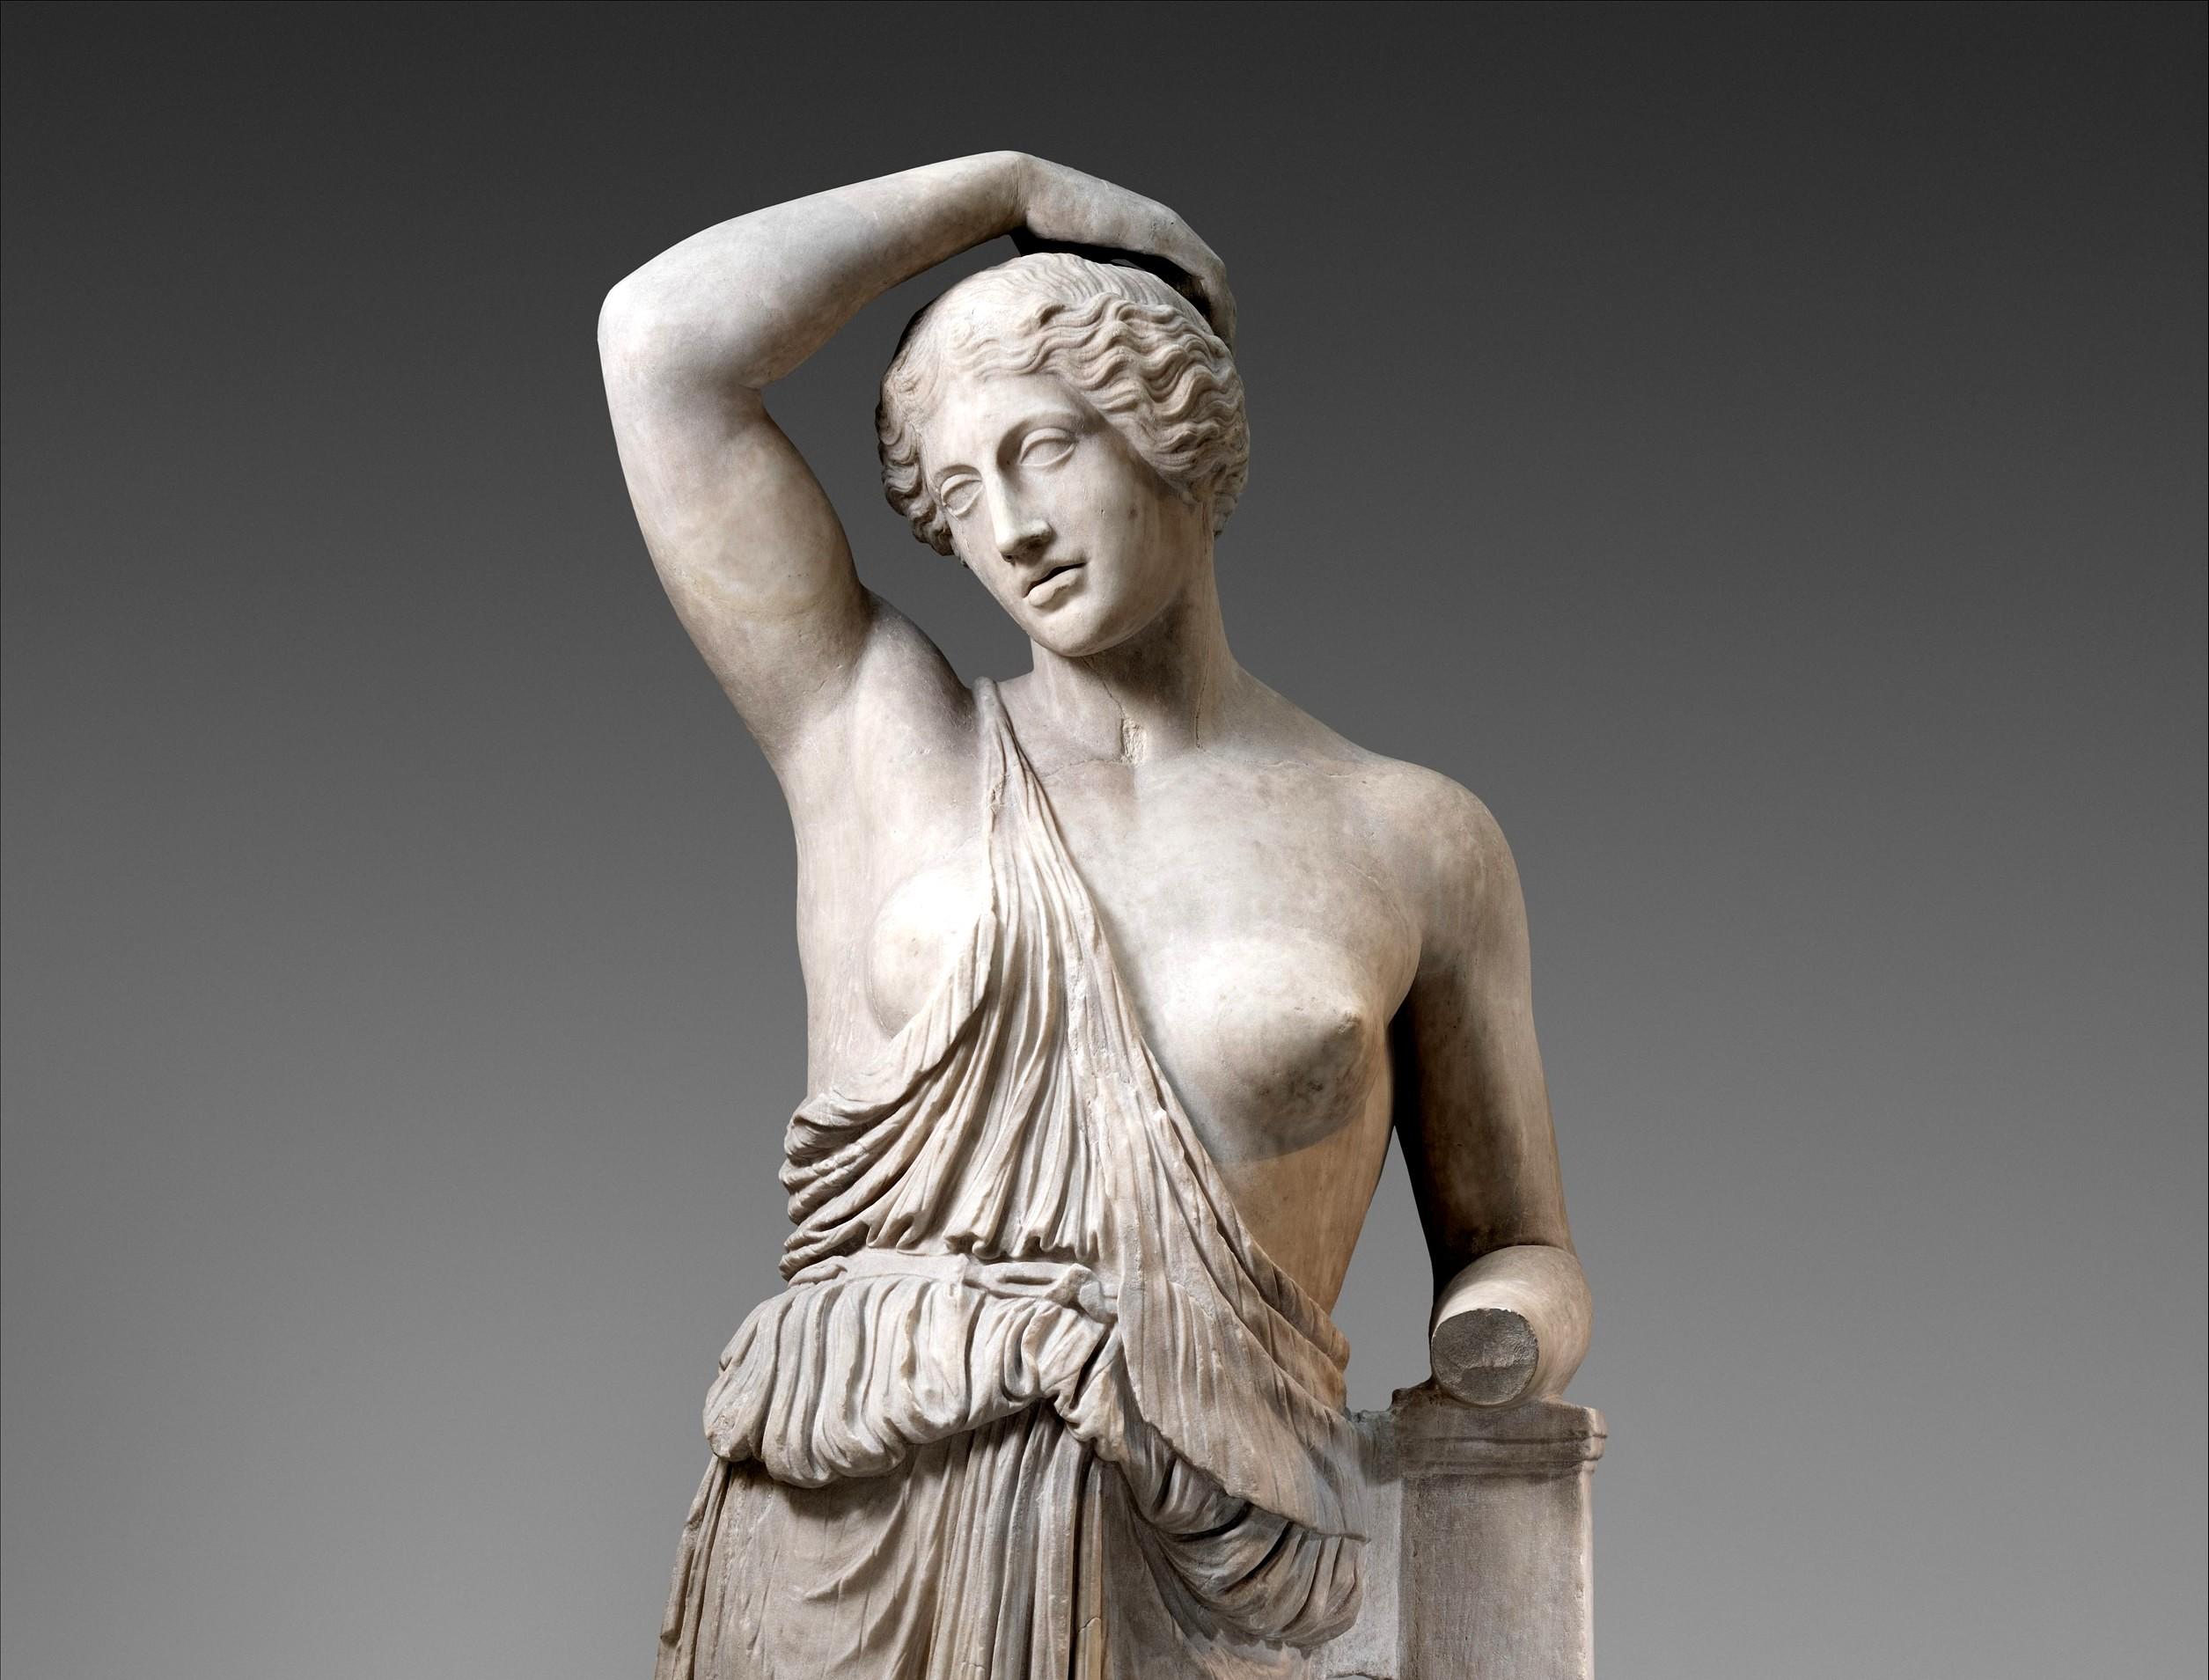 La donna nell'arte greca > Artesplorando